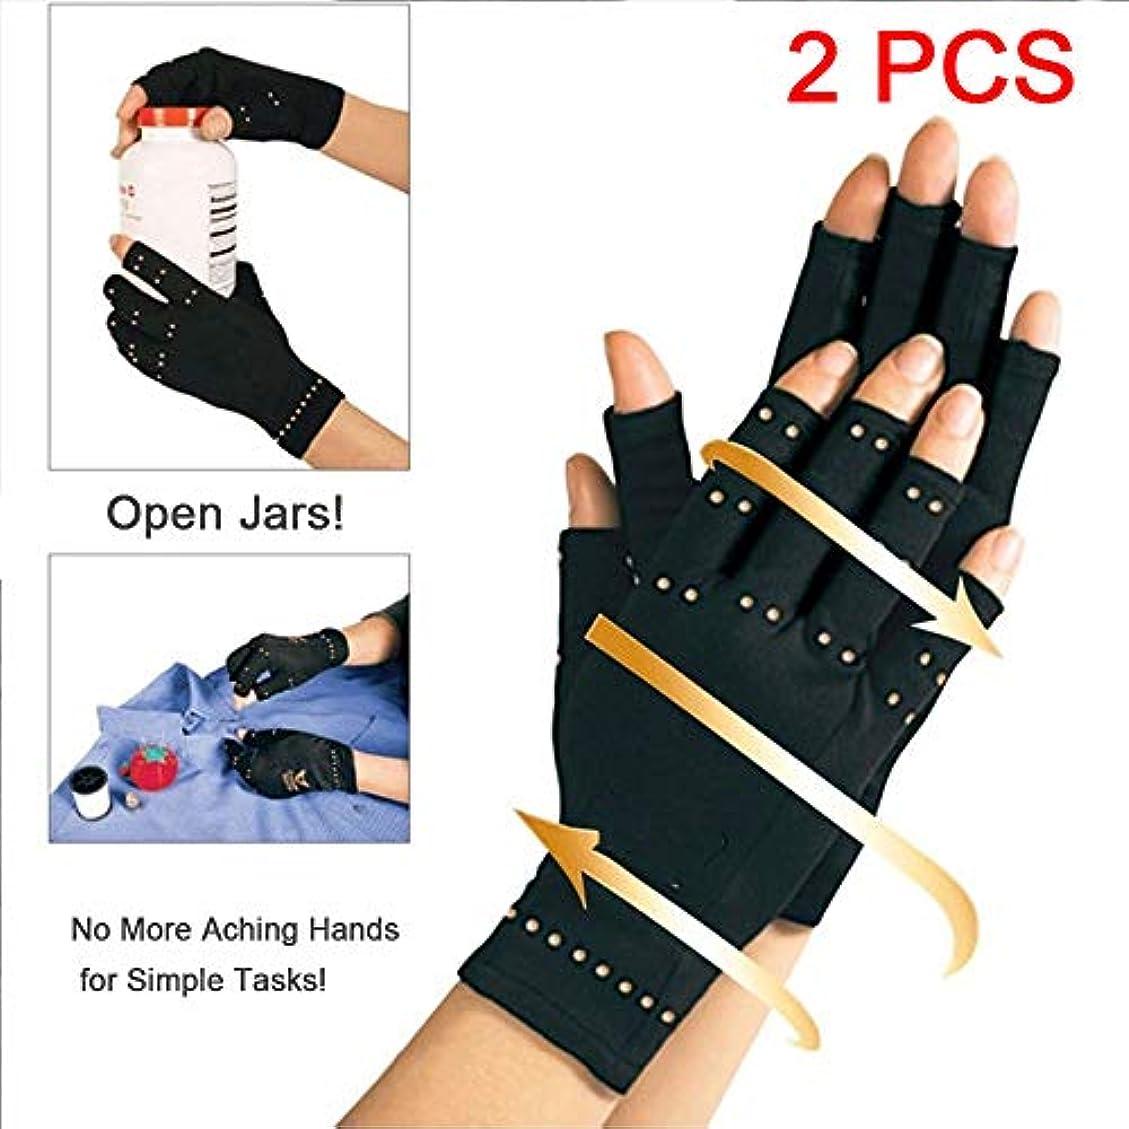 メーター飢饉天才銅圧縮関節炎手袋 圧縮関節炎グローブ理学療法ハーフフィンガーグローブは、リウマチの痛みを軽減し、筋肉の緊張を和らげます(2 PCS)